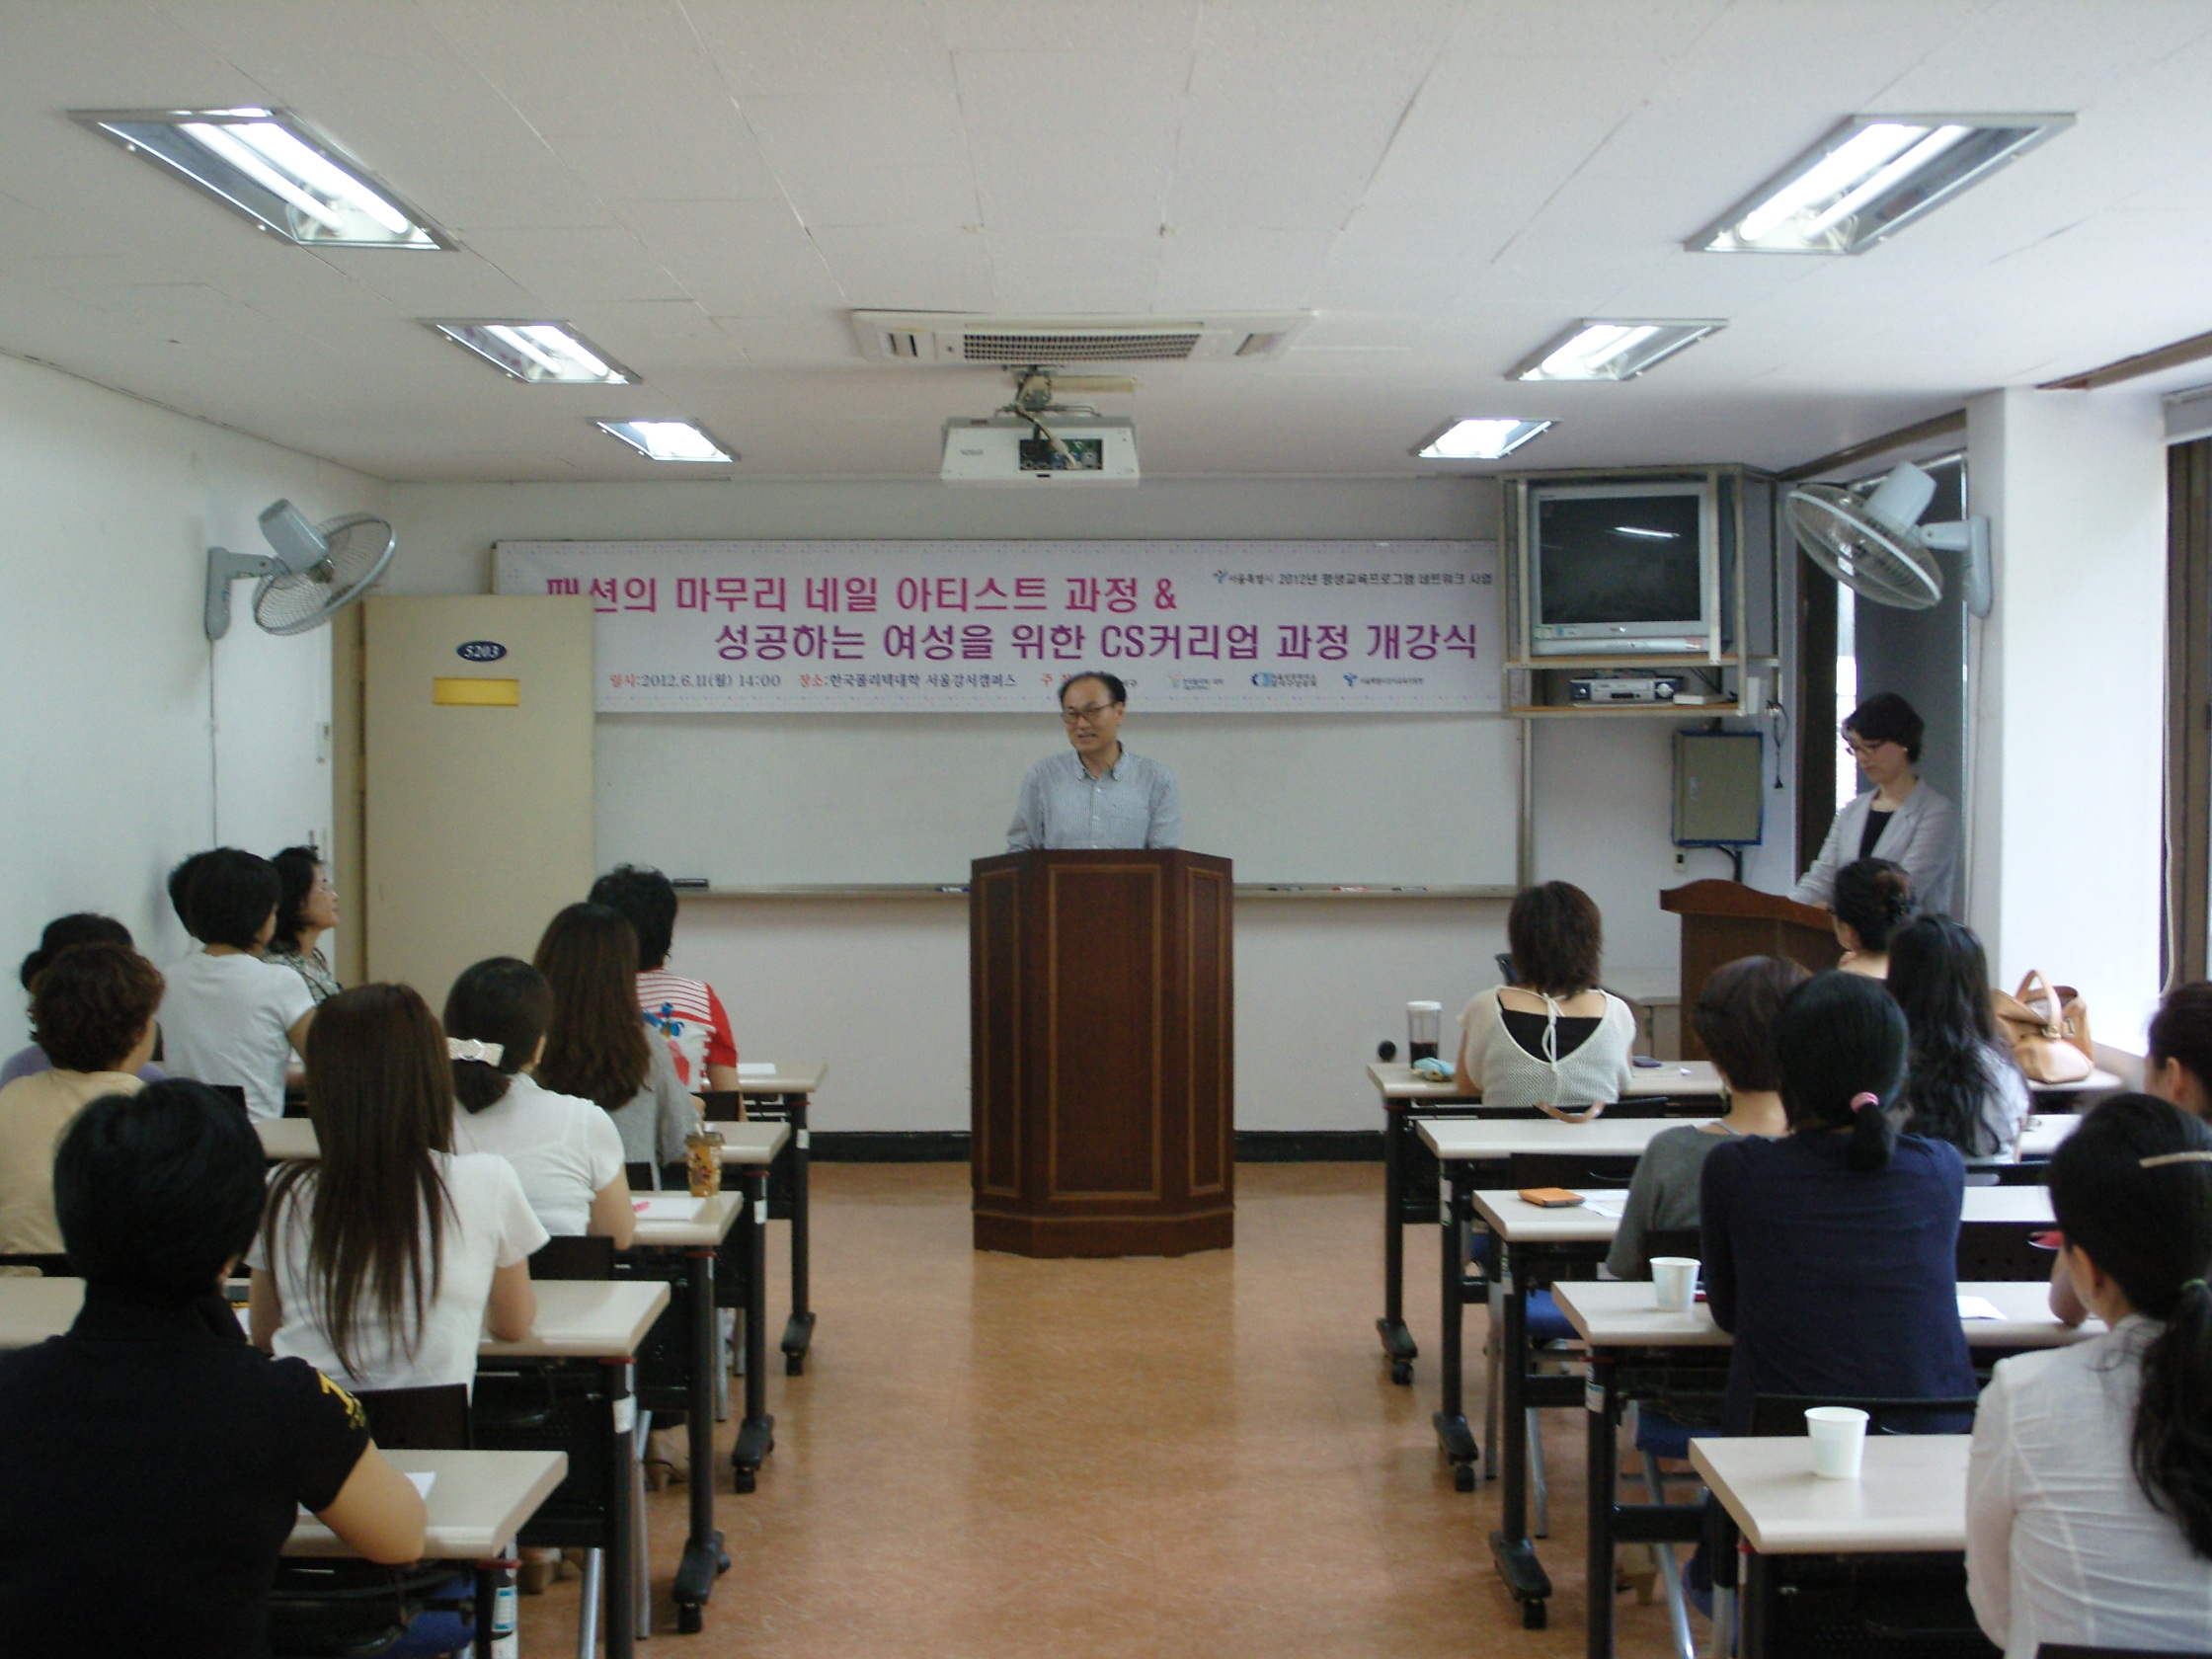 2012년 서울시 평생학습 프로그램 공모사업